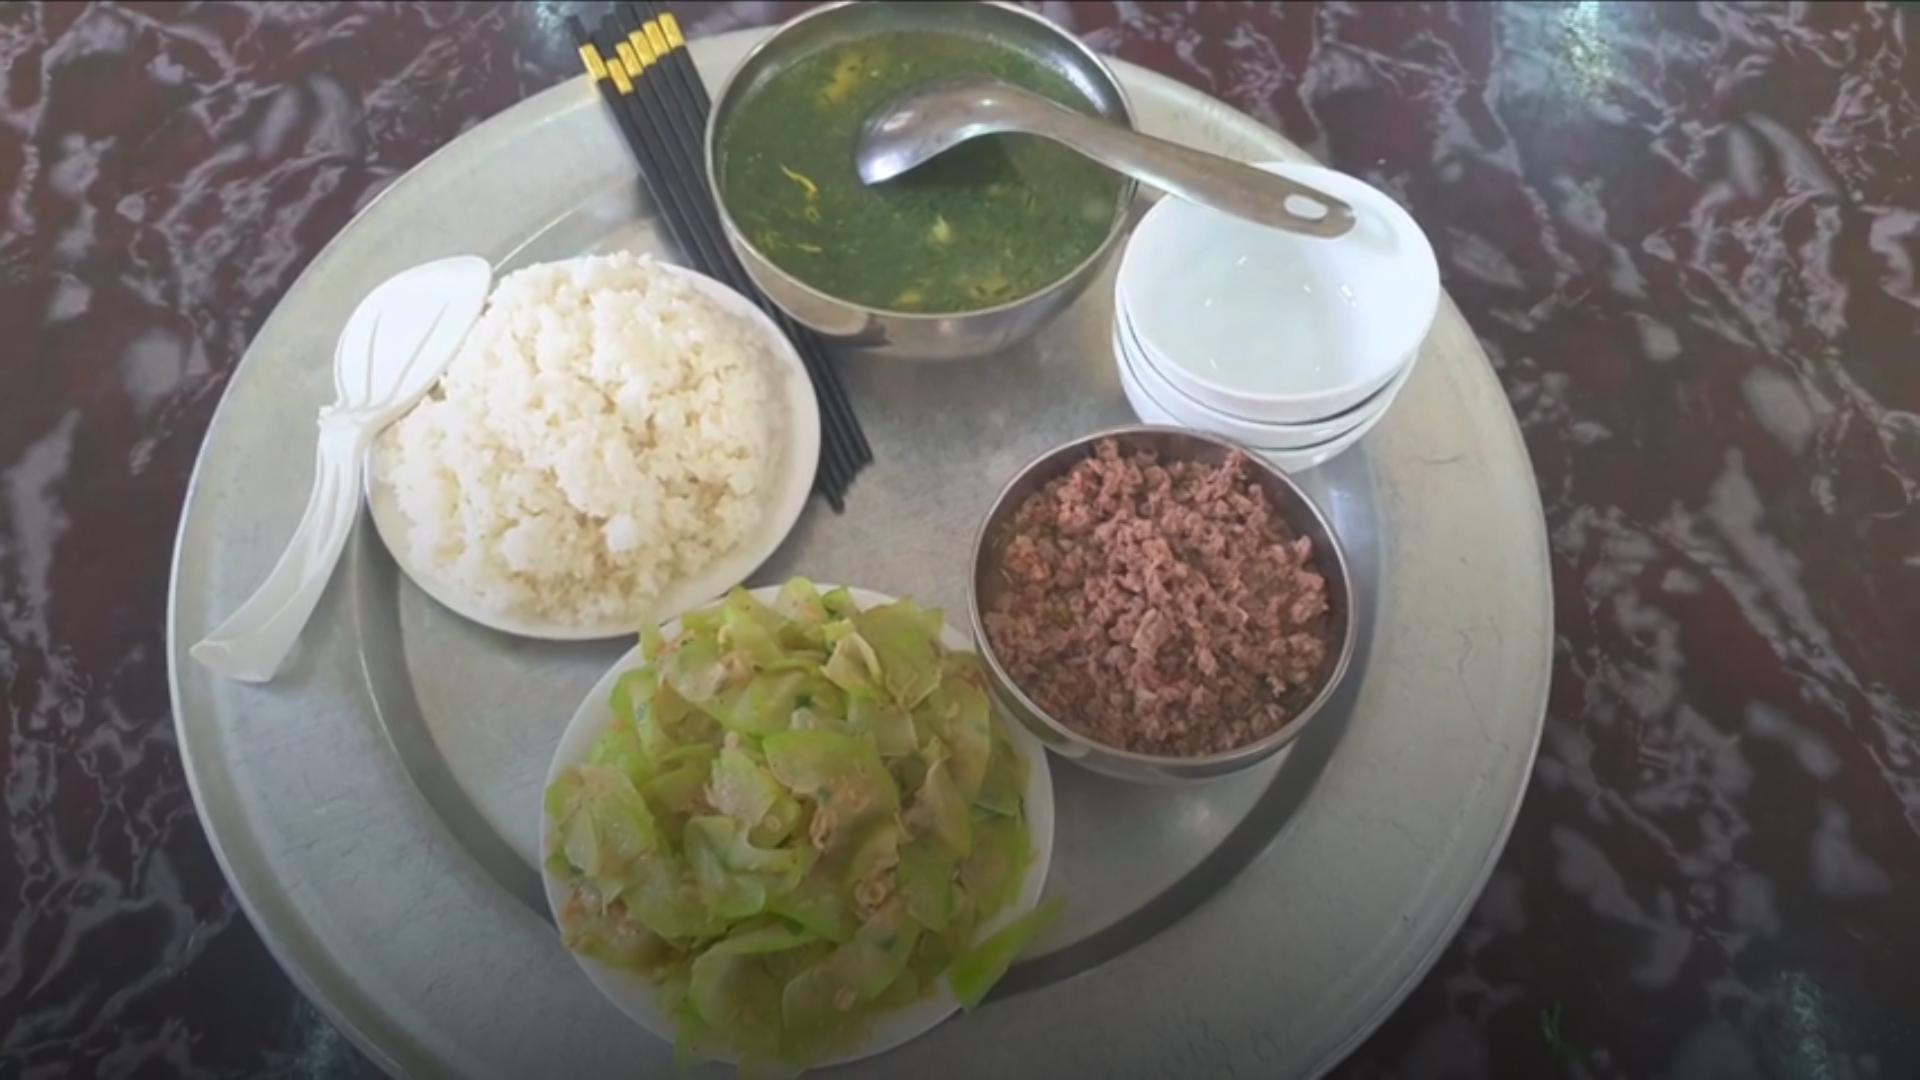 Quy trình nấu ăn bán trú tại một trường tiểu học